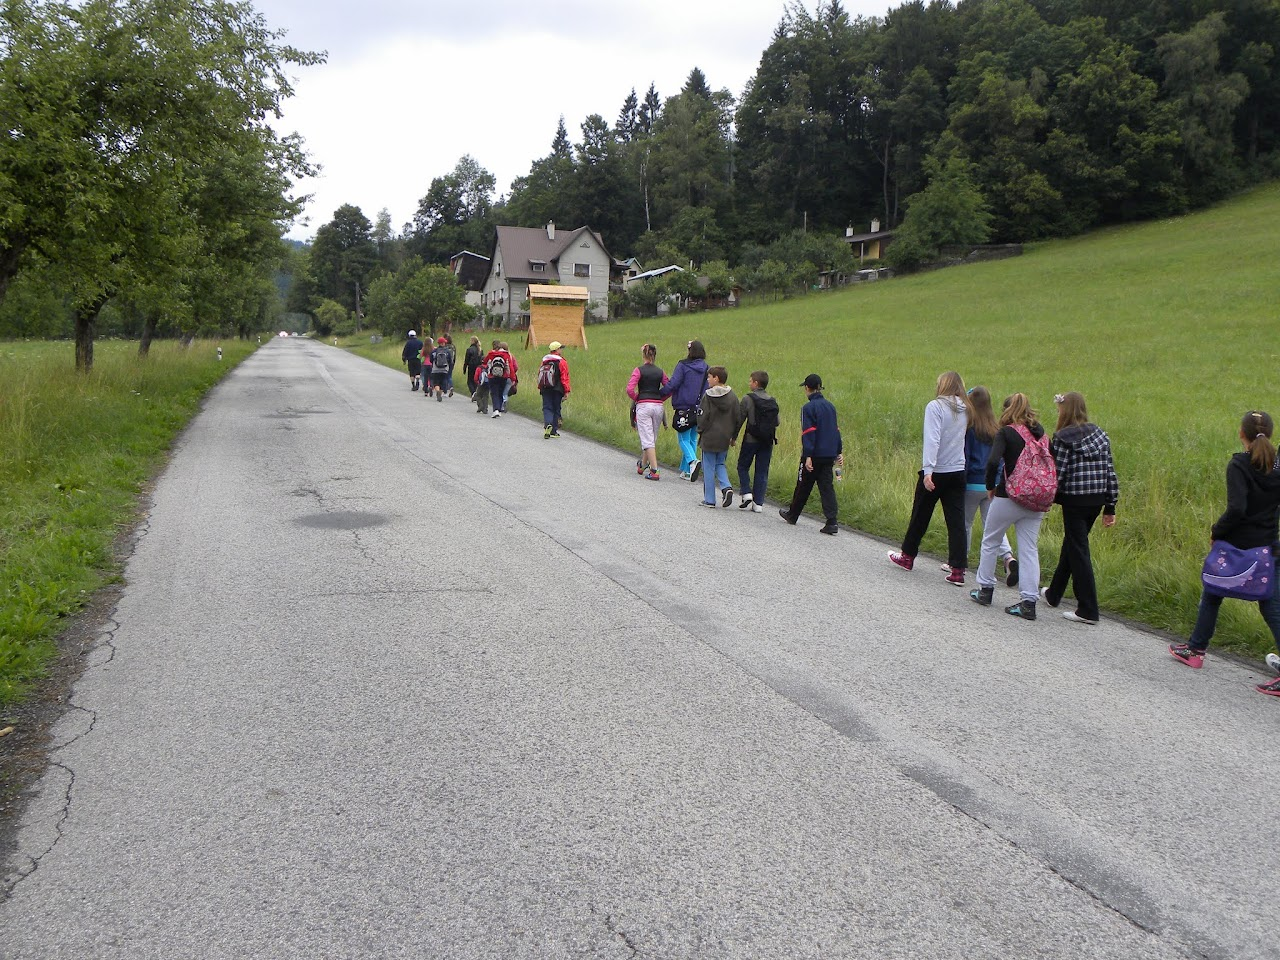 Tábor - Veľké Karlovice - fotka 119.JPG